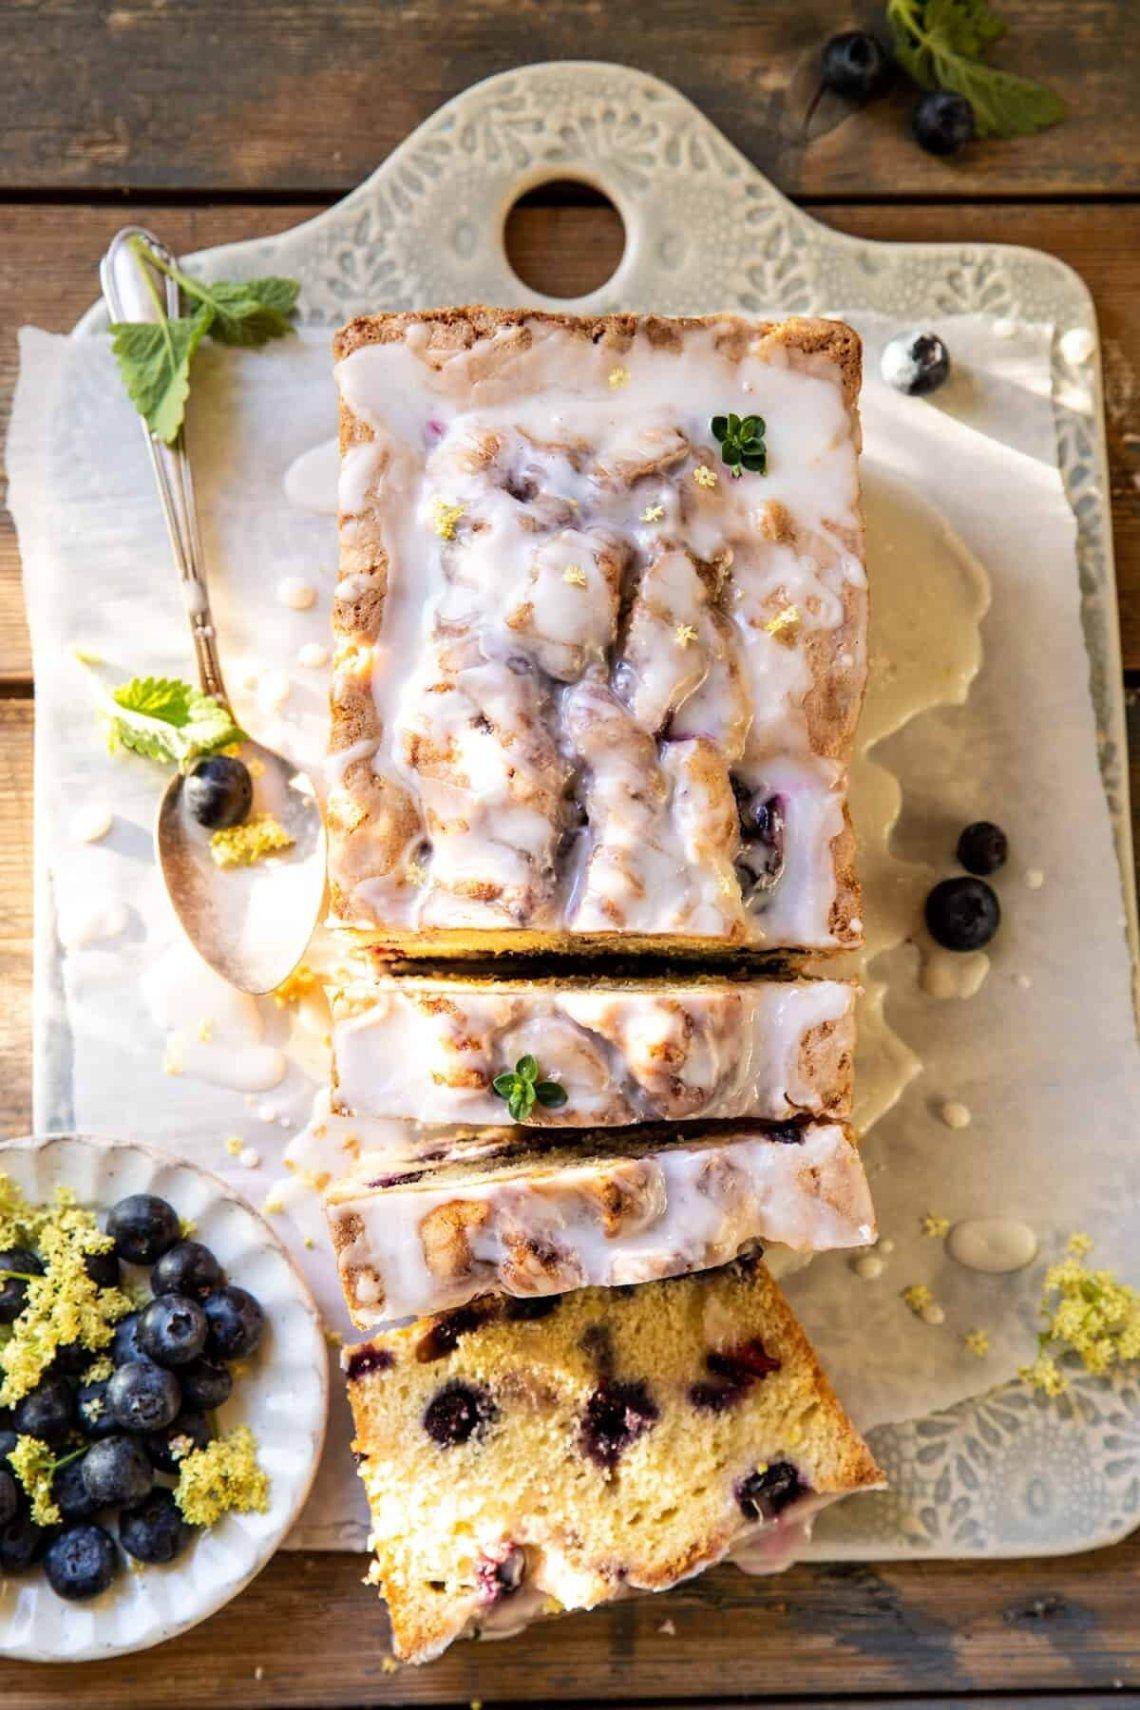 Swirled Blueberry Lemon Thyme Cake from Half Baked Harvest